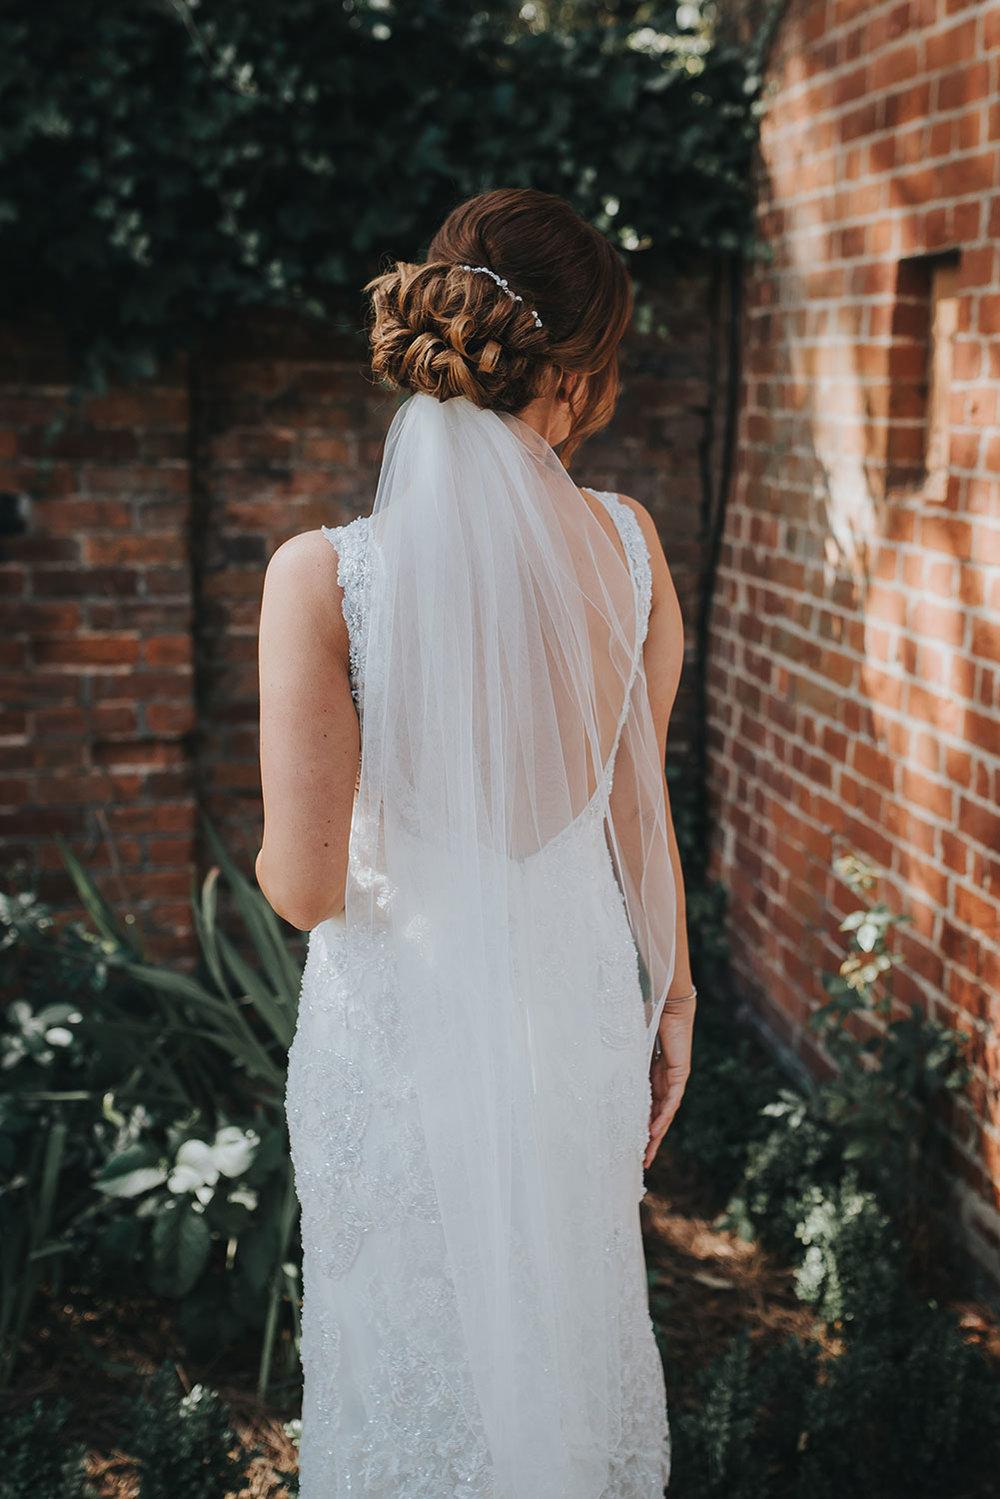 Wedding Photographer in St. Osyth - Essex Wedding Photographer